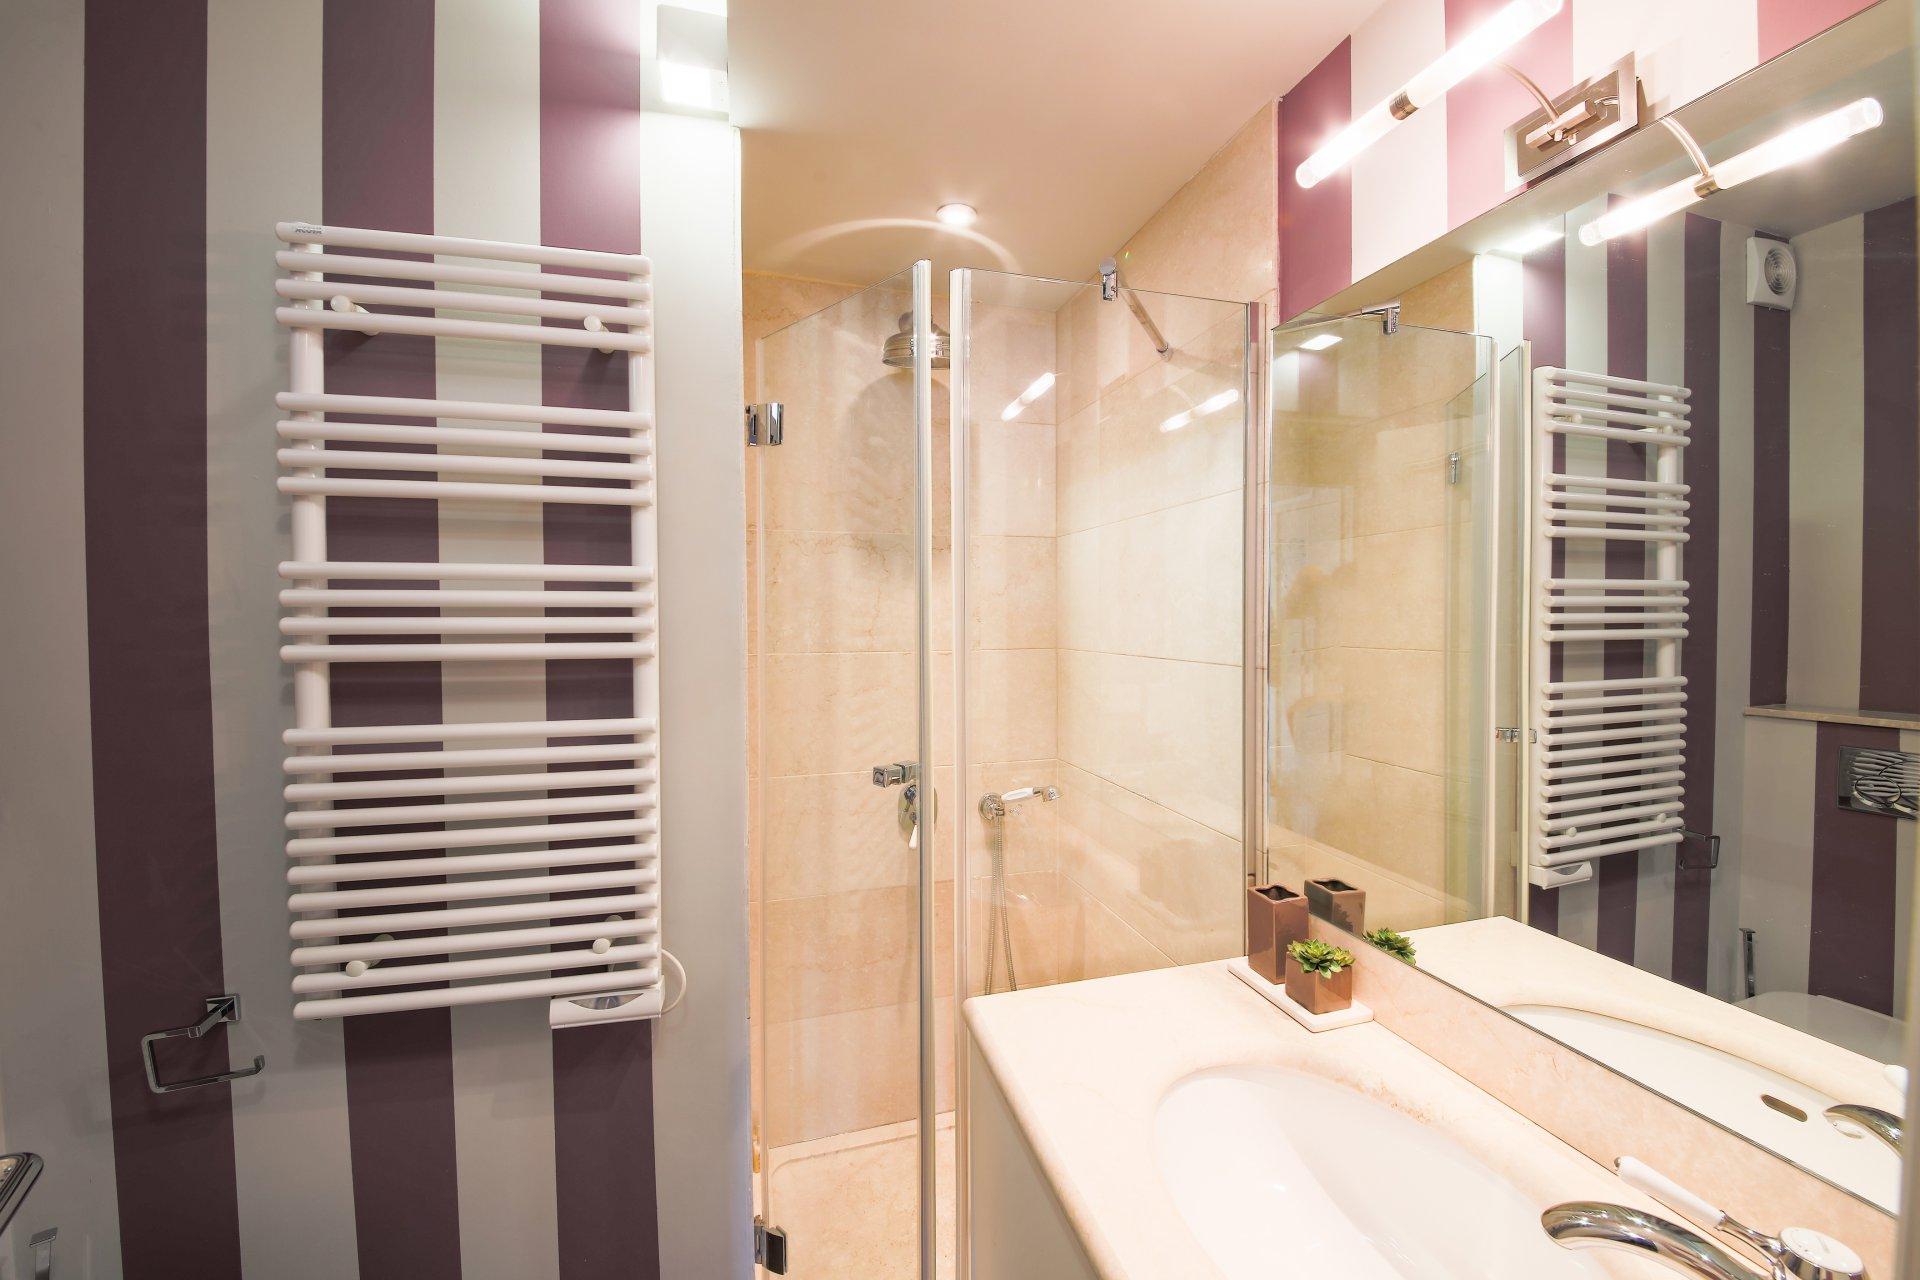 appartement-exception-magnifique-vue-mer-village-a-vendre-vaste-sejour-lumineux-cheminee-charme-ancien-prestations-luxueuses